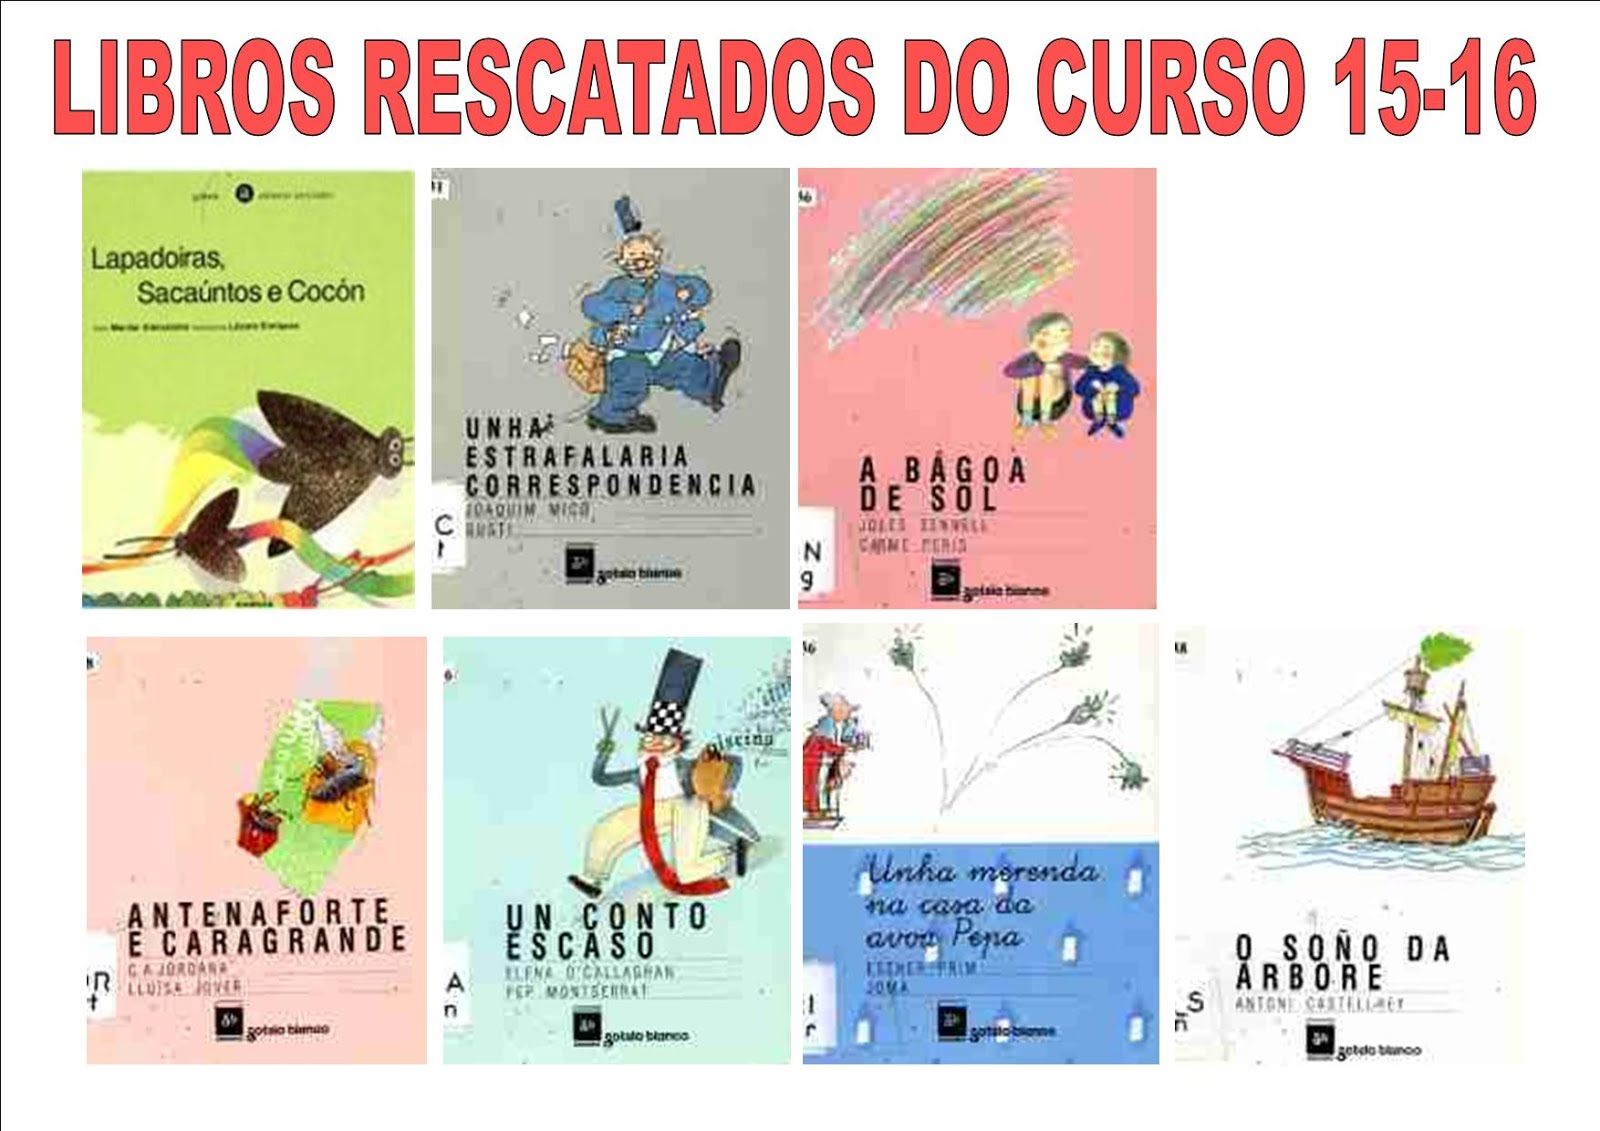 LIBROS RESCATADOS CURSO 15-16